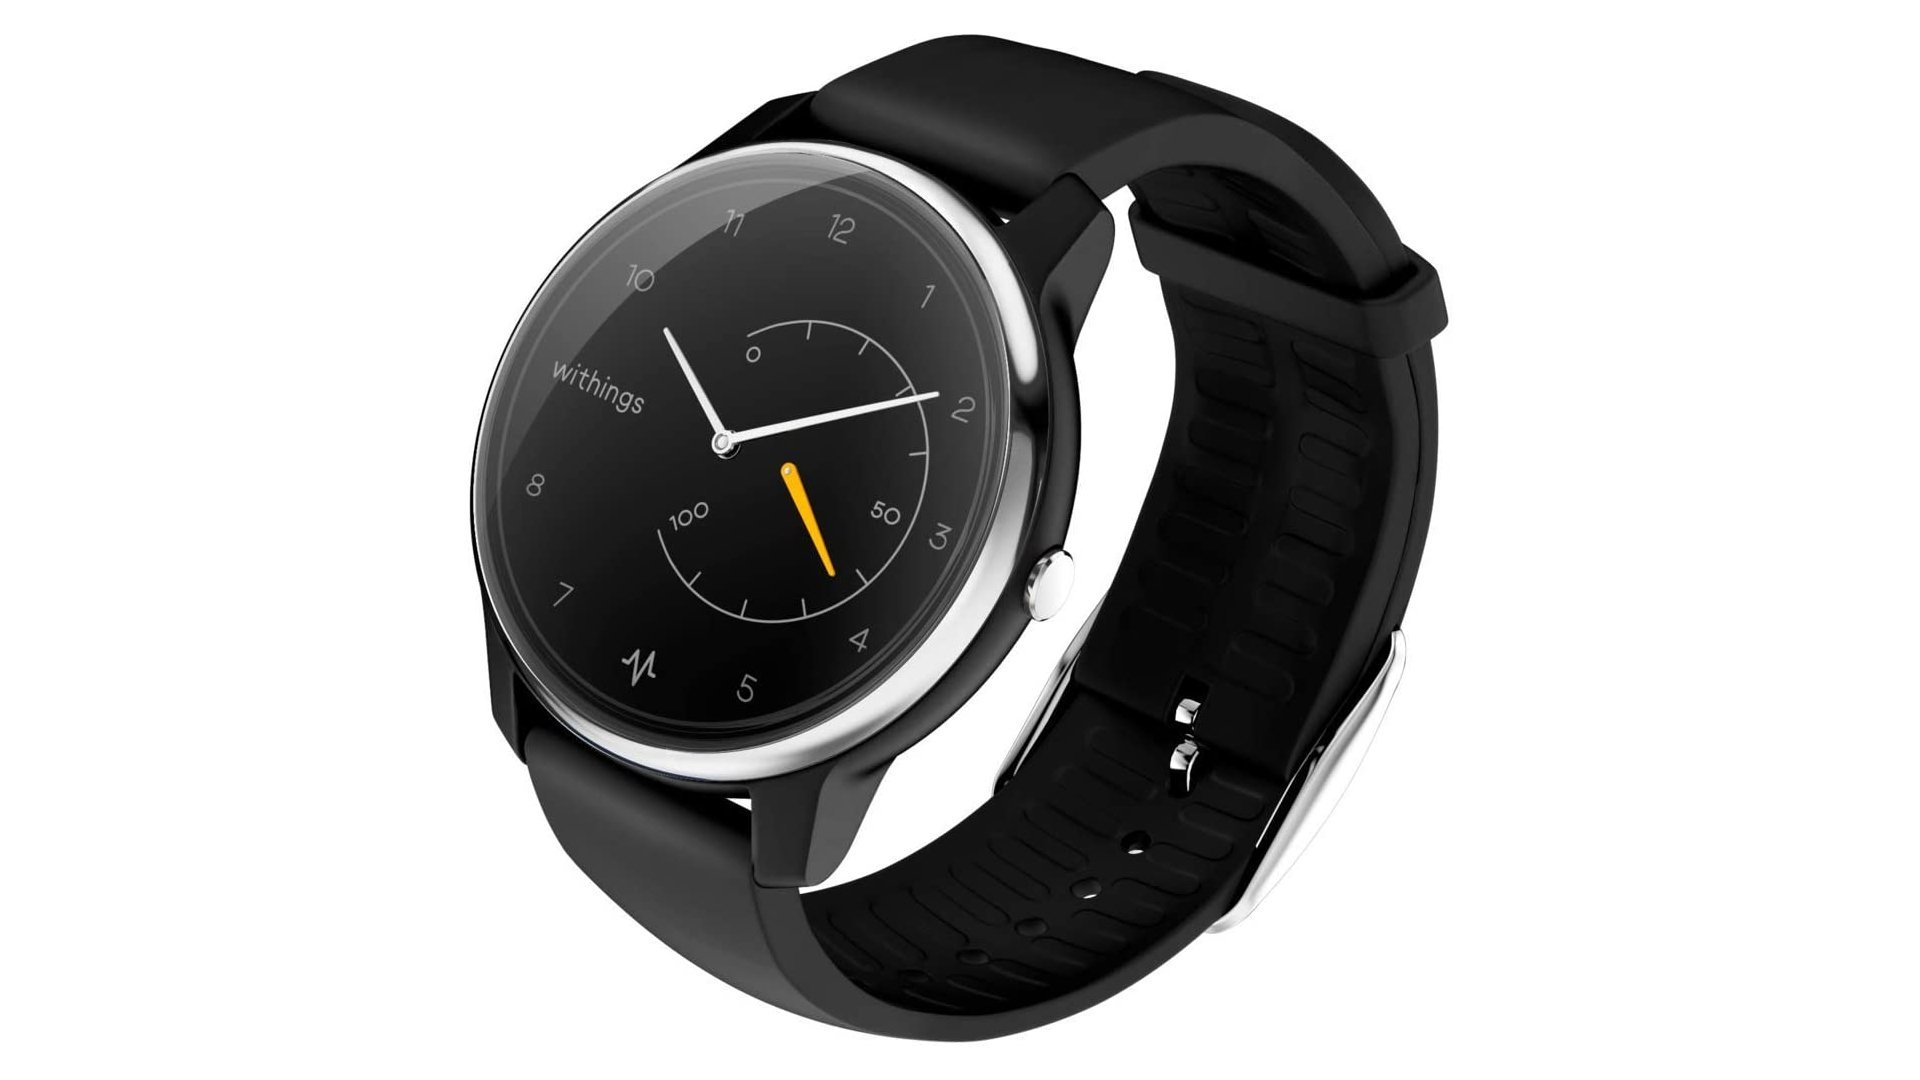 La montre Withings Move ECG est à moins de 100 euros sur Amazon